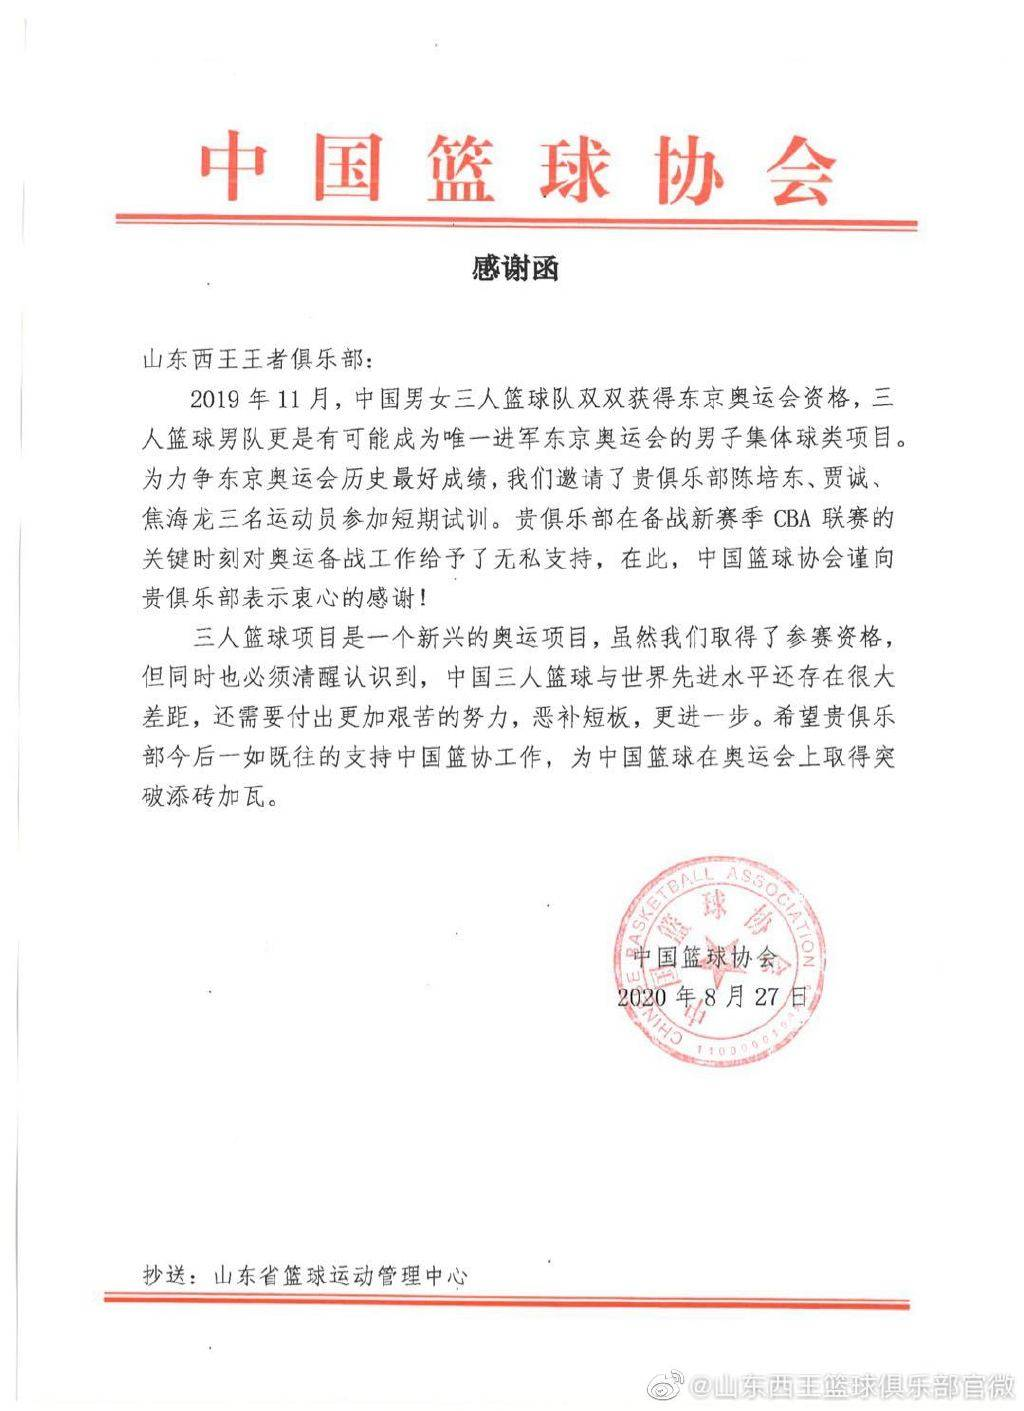 山东海龙最新消息_篮协邀请山东三将试训三人篮球队 发感谢函致谢_焦海龙